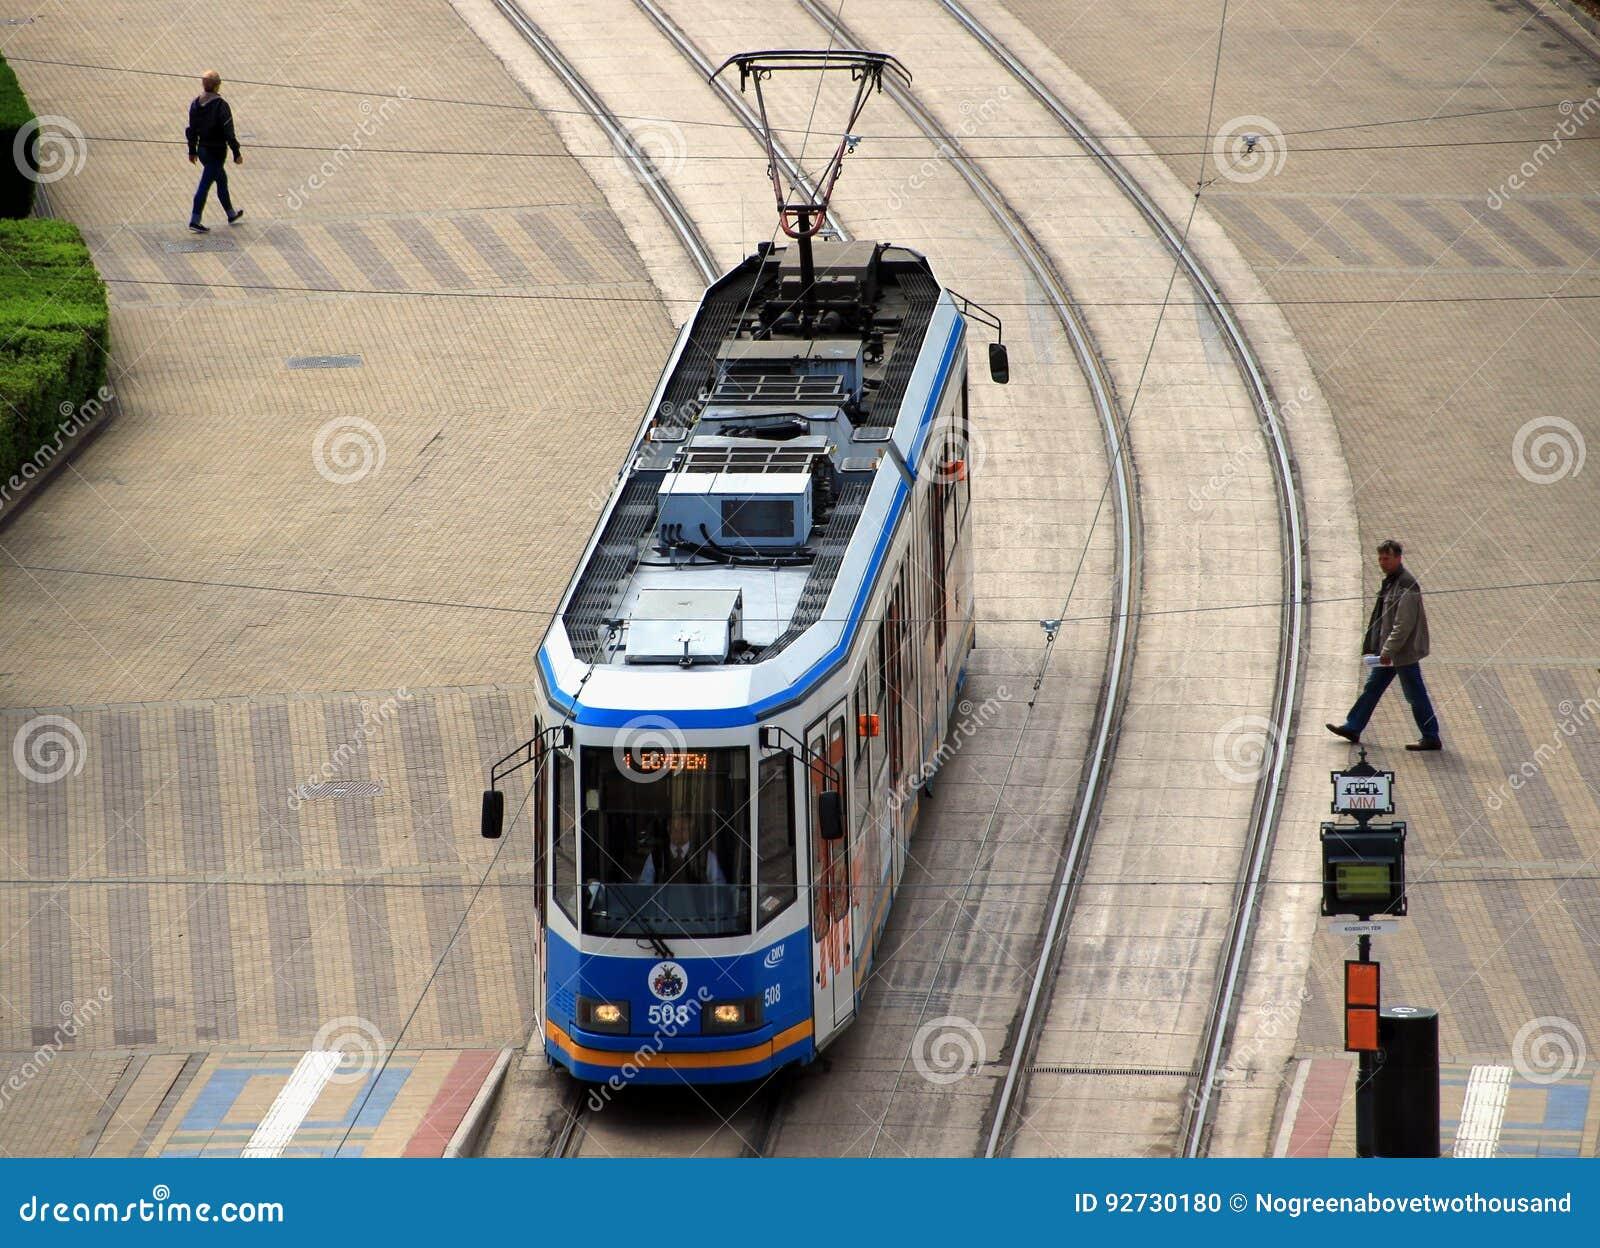 Современный трамвай Ganz в Дебрецене, Венгрии